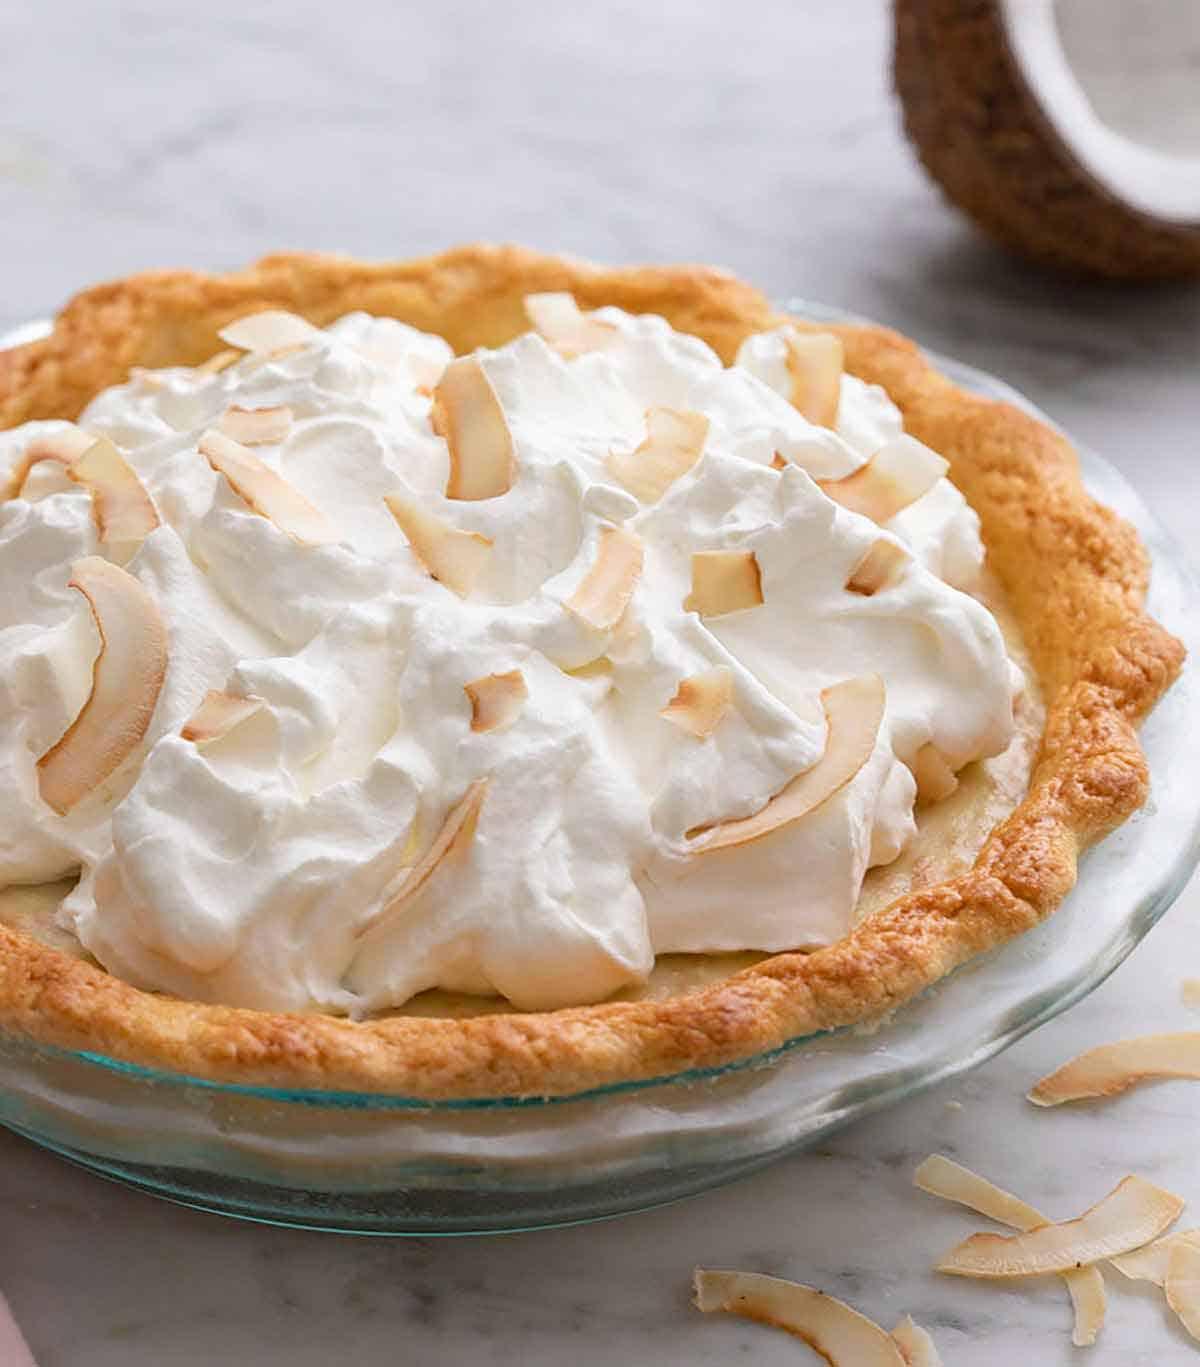 A coconut cream pie in a pie dish.